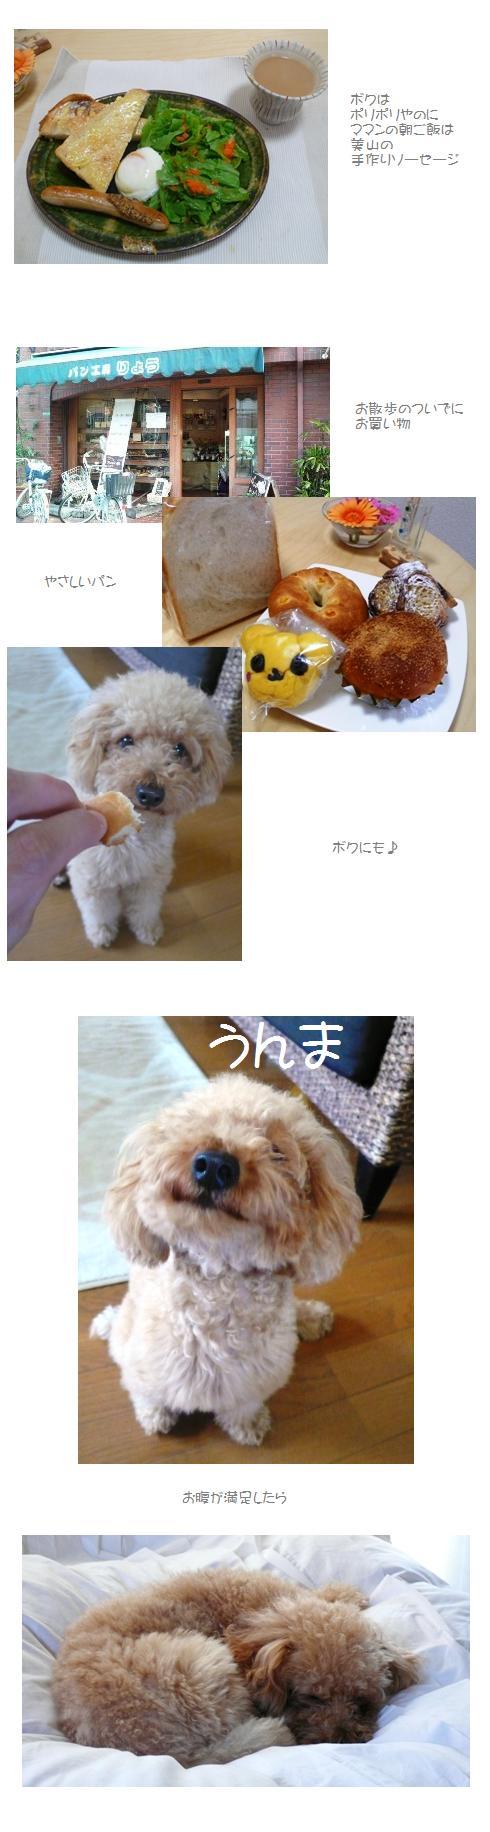 asa1_20081201052937.jpg